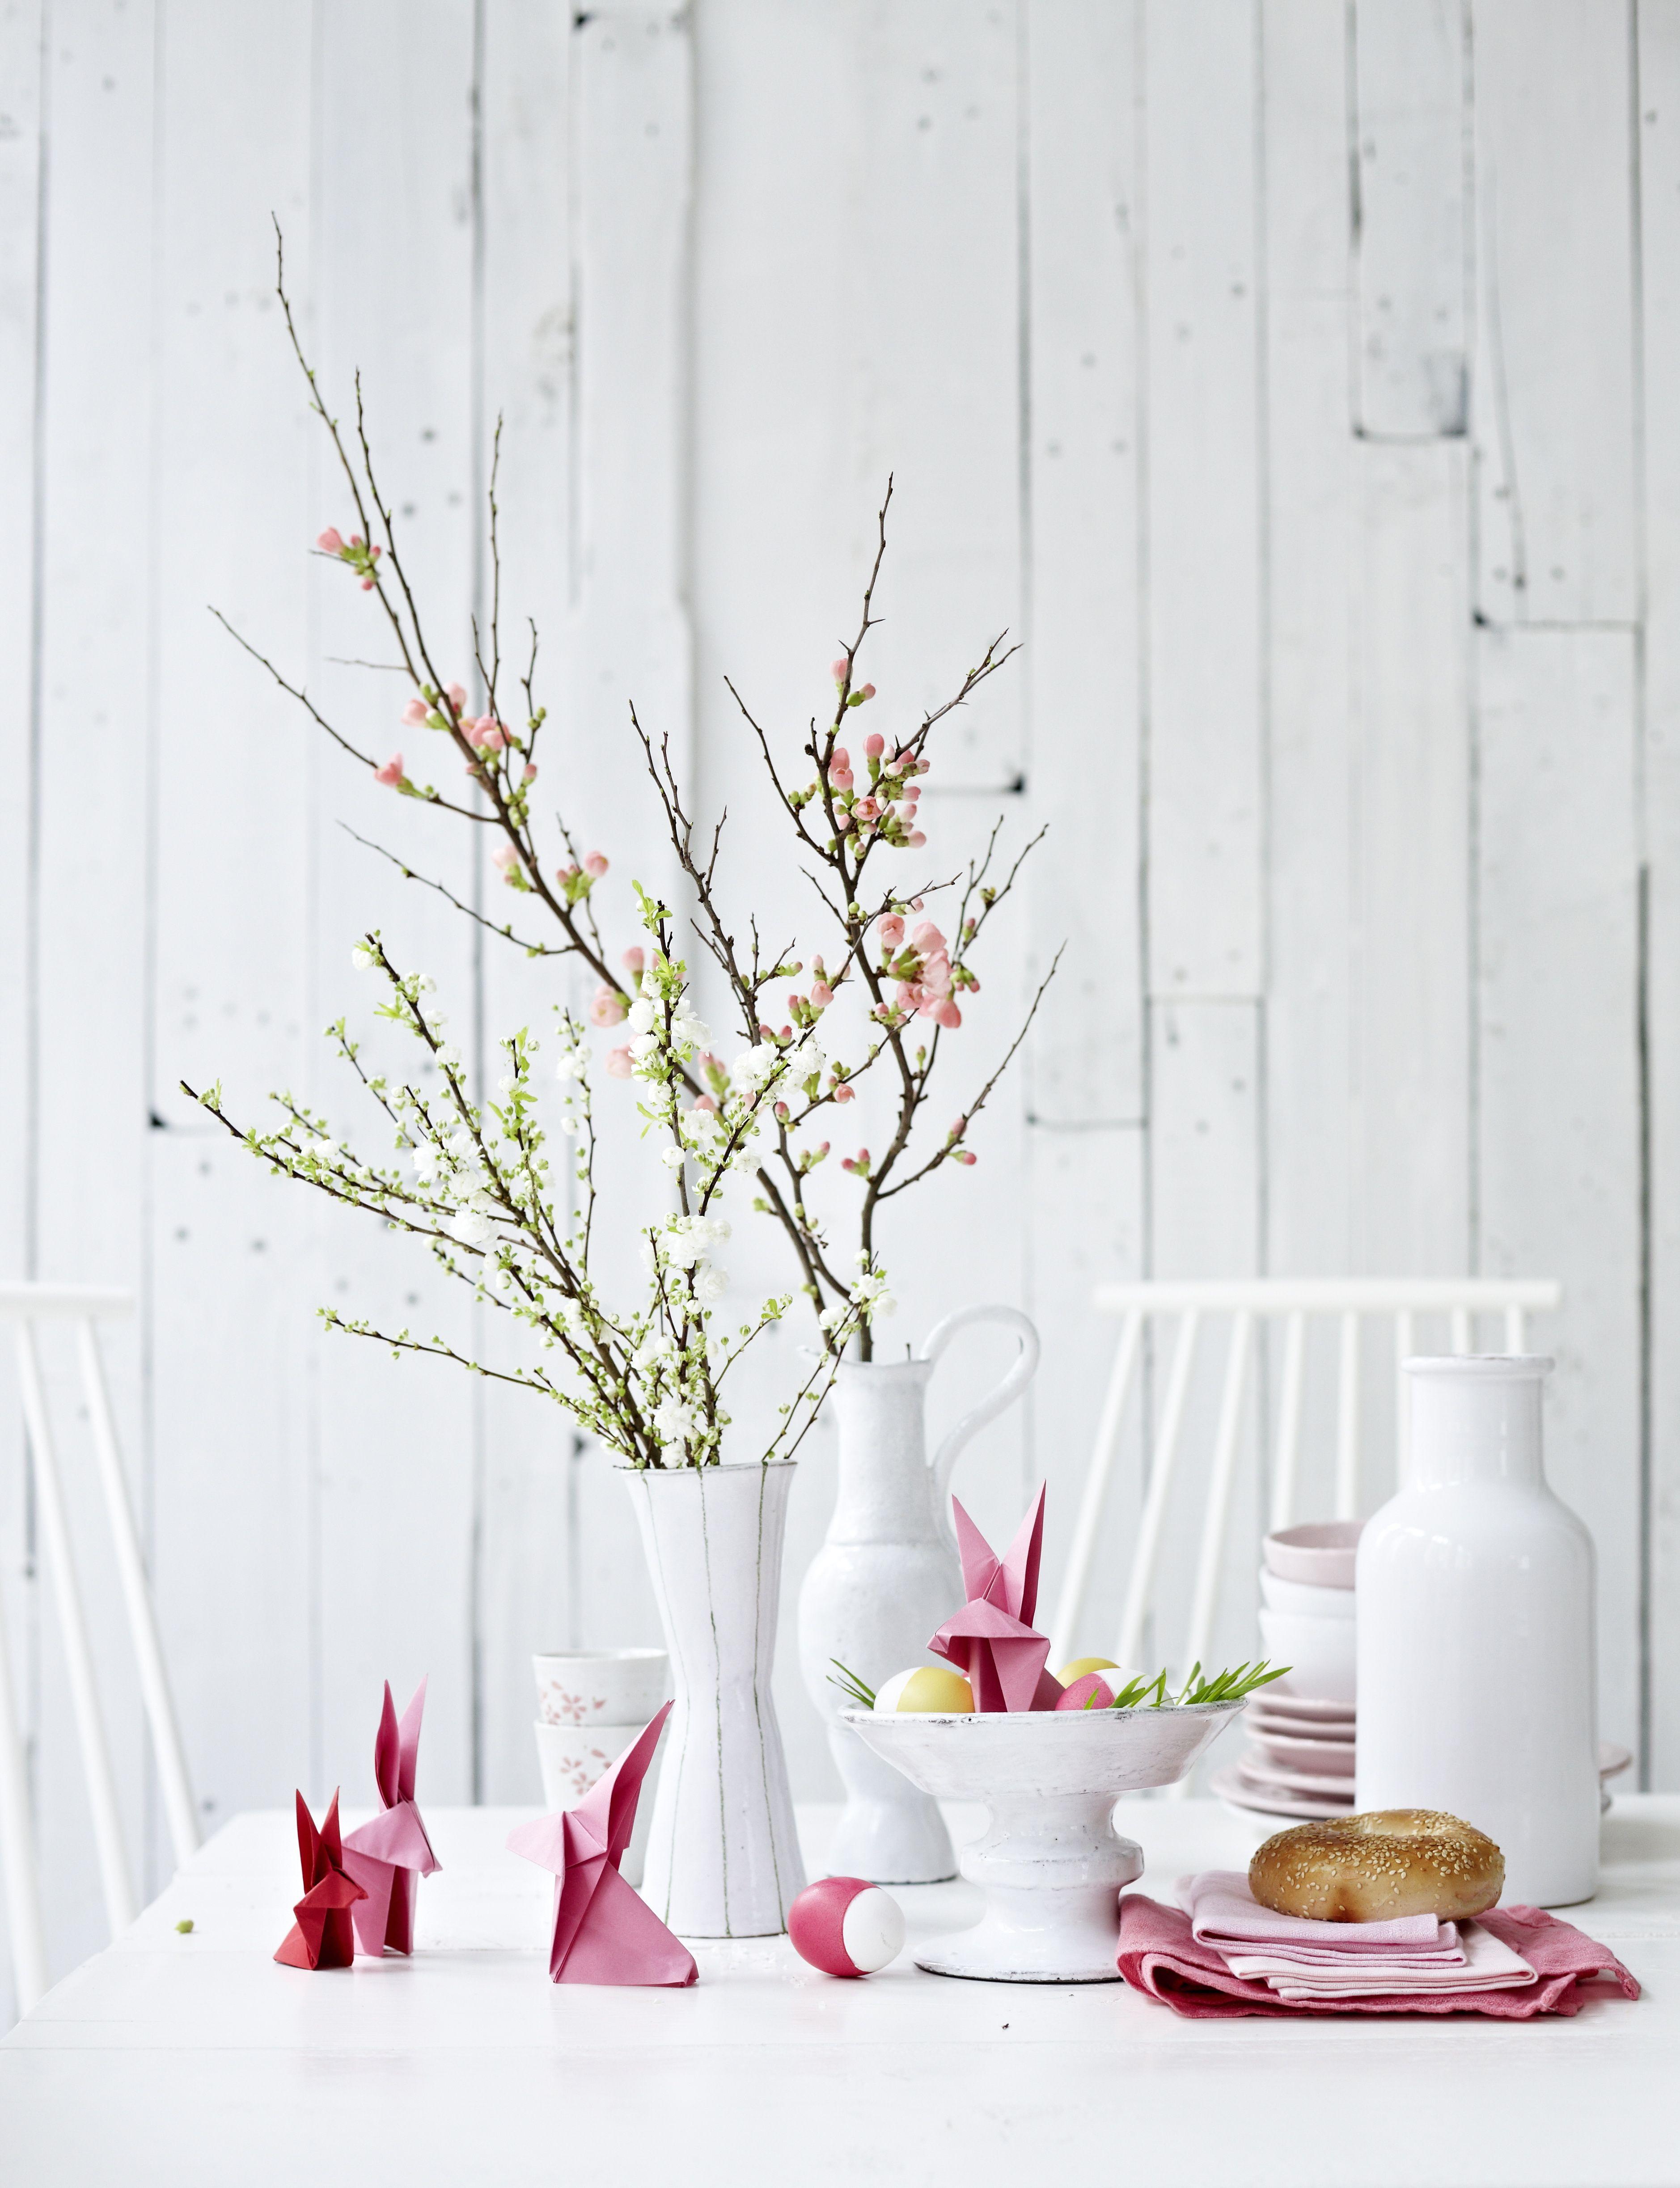 Easter Table Decorations Part - 34: Elle Decor